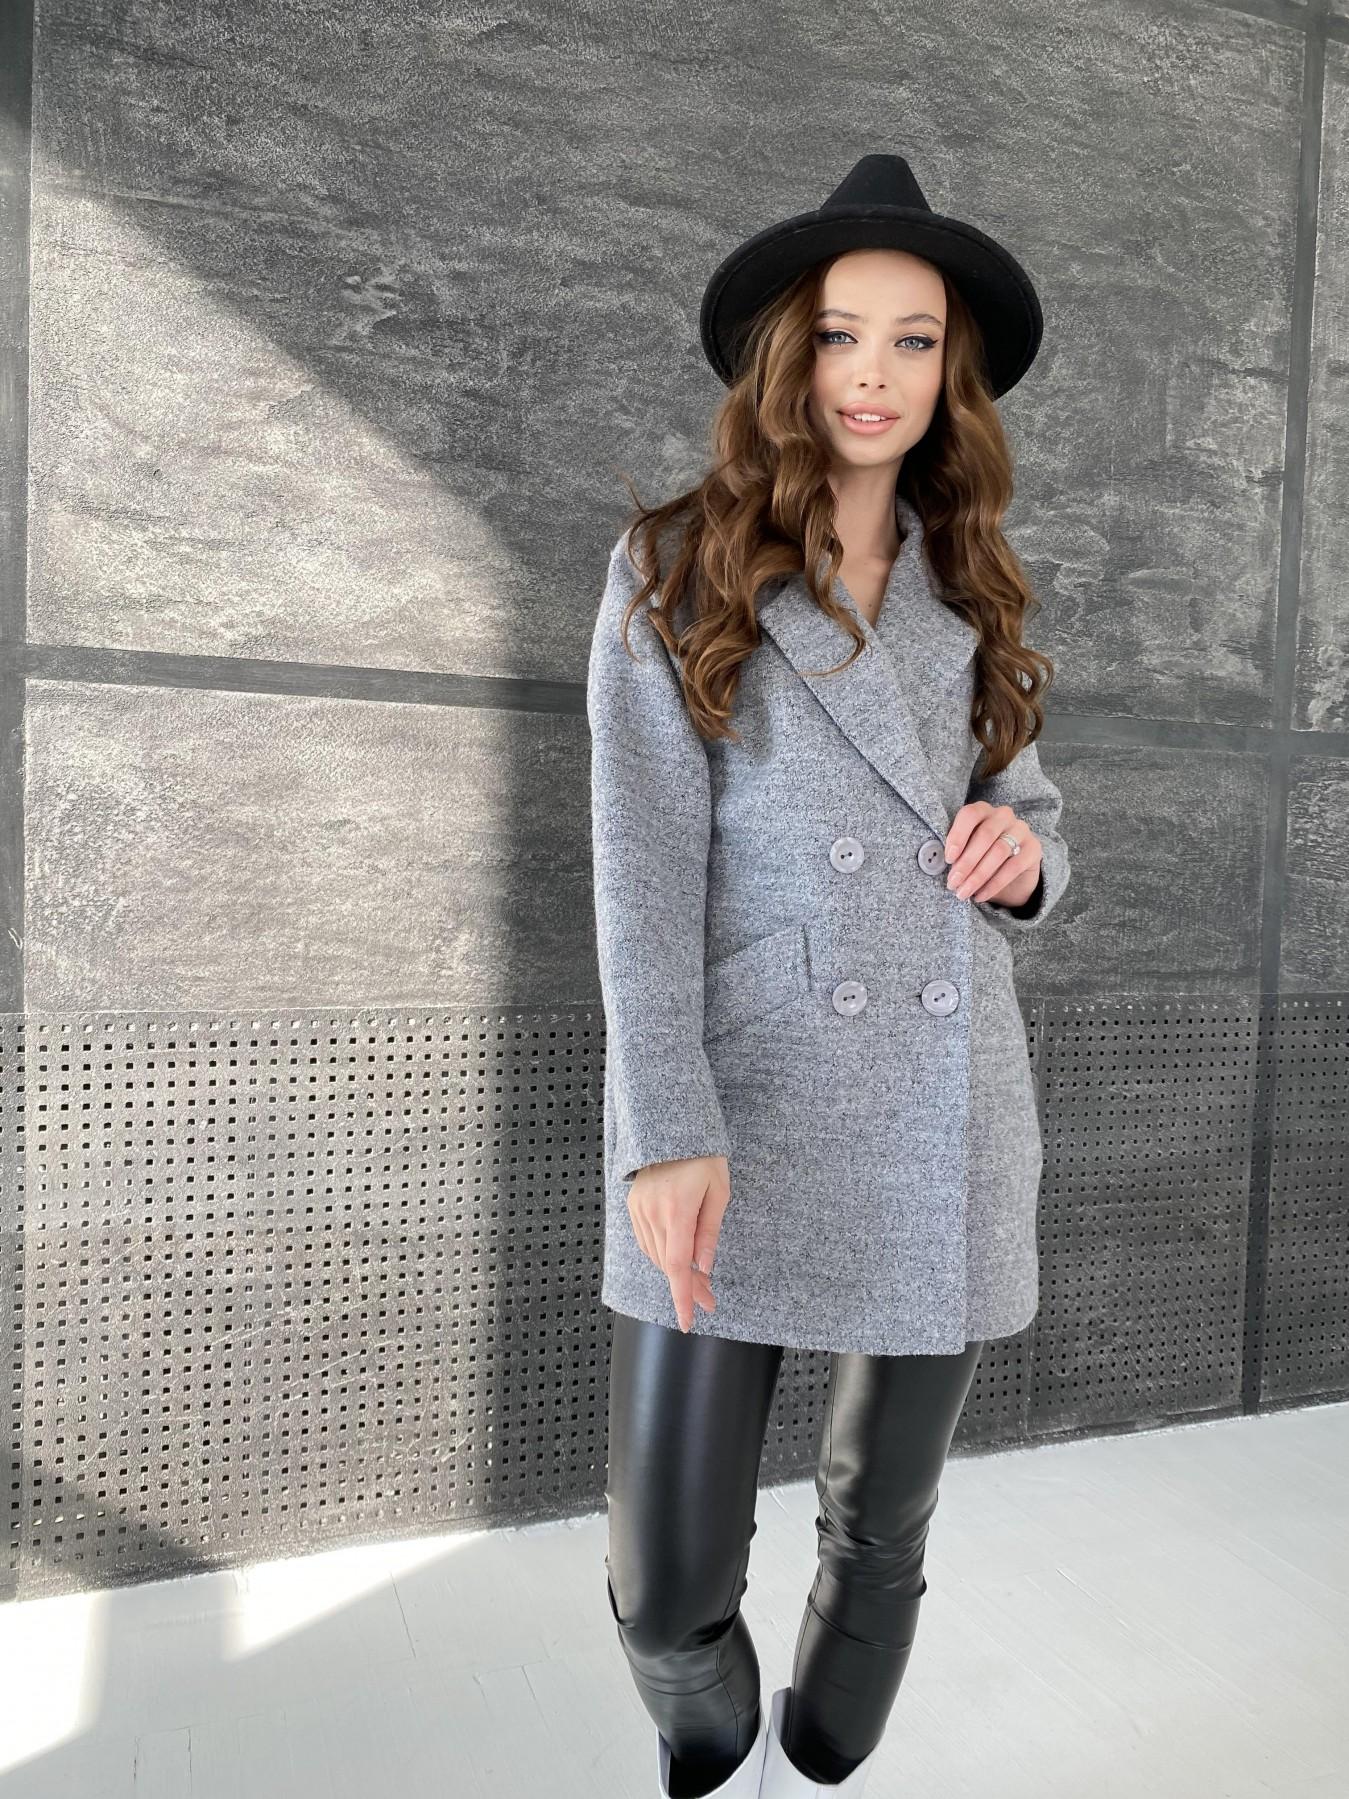 Бонд пальто из шерсти букле  10770 АРТ. 47198 Цвет: Серый 48 - фото 2, интернет магазин tm-modus.ru